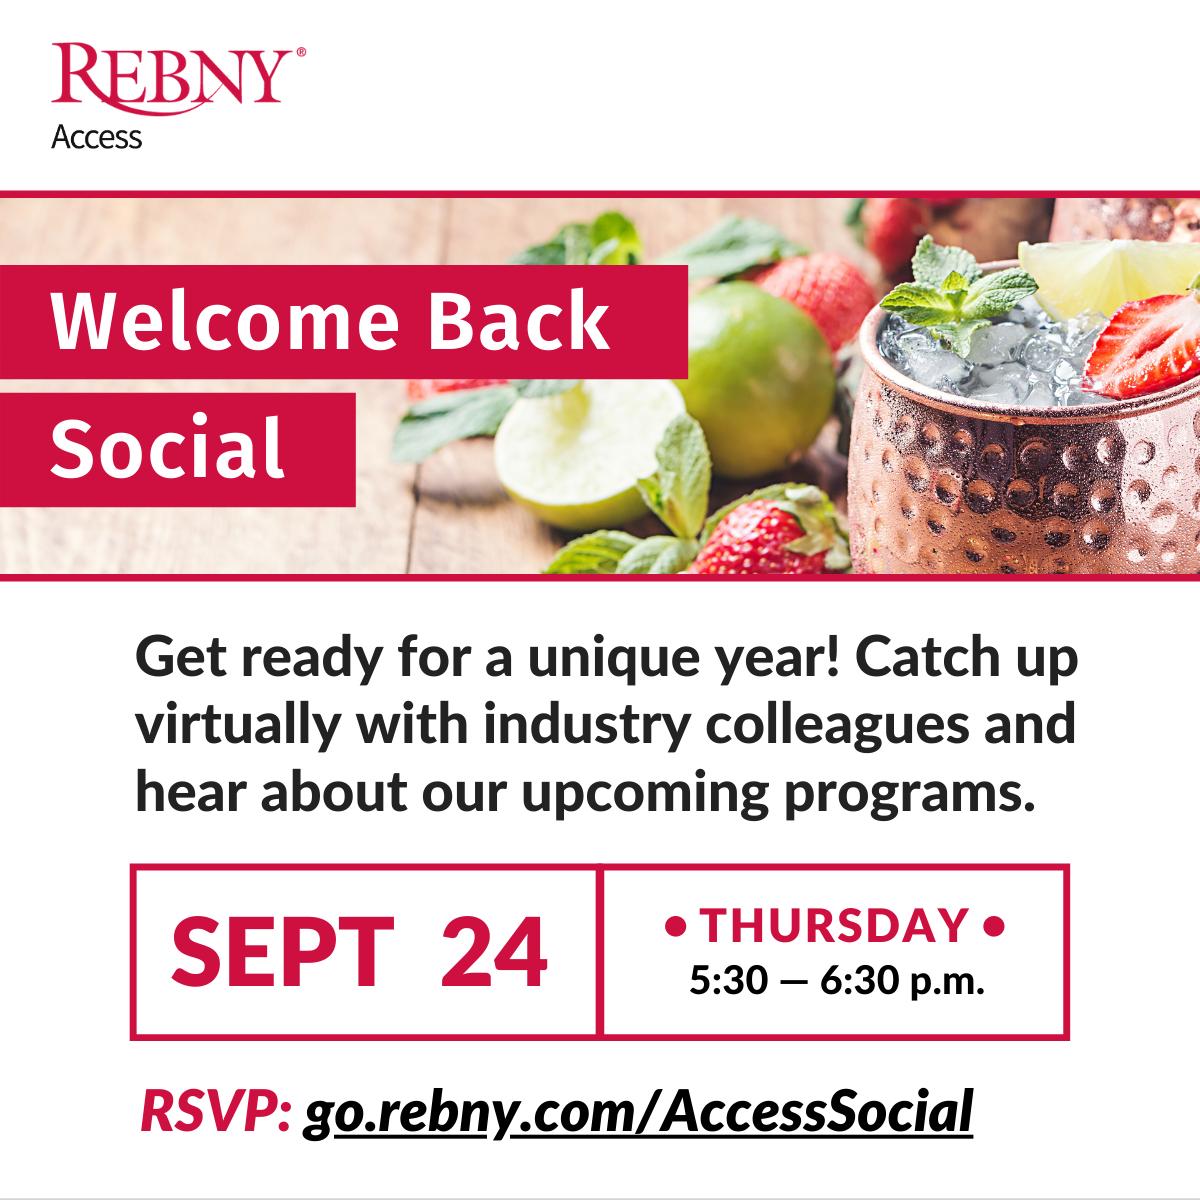 VIRTUAL: REBNY Access Welcome Back Social